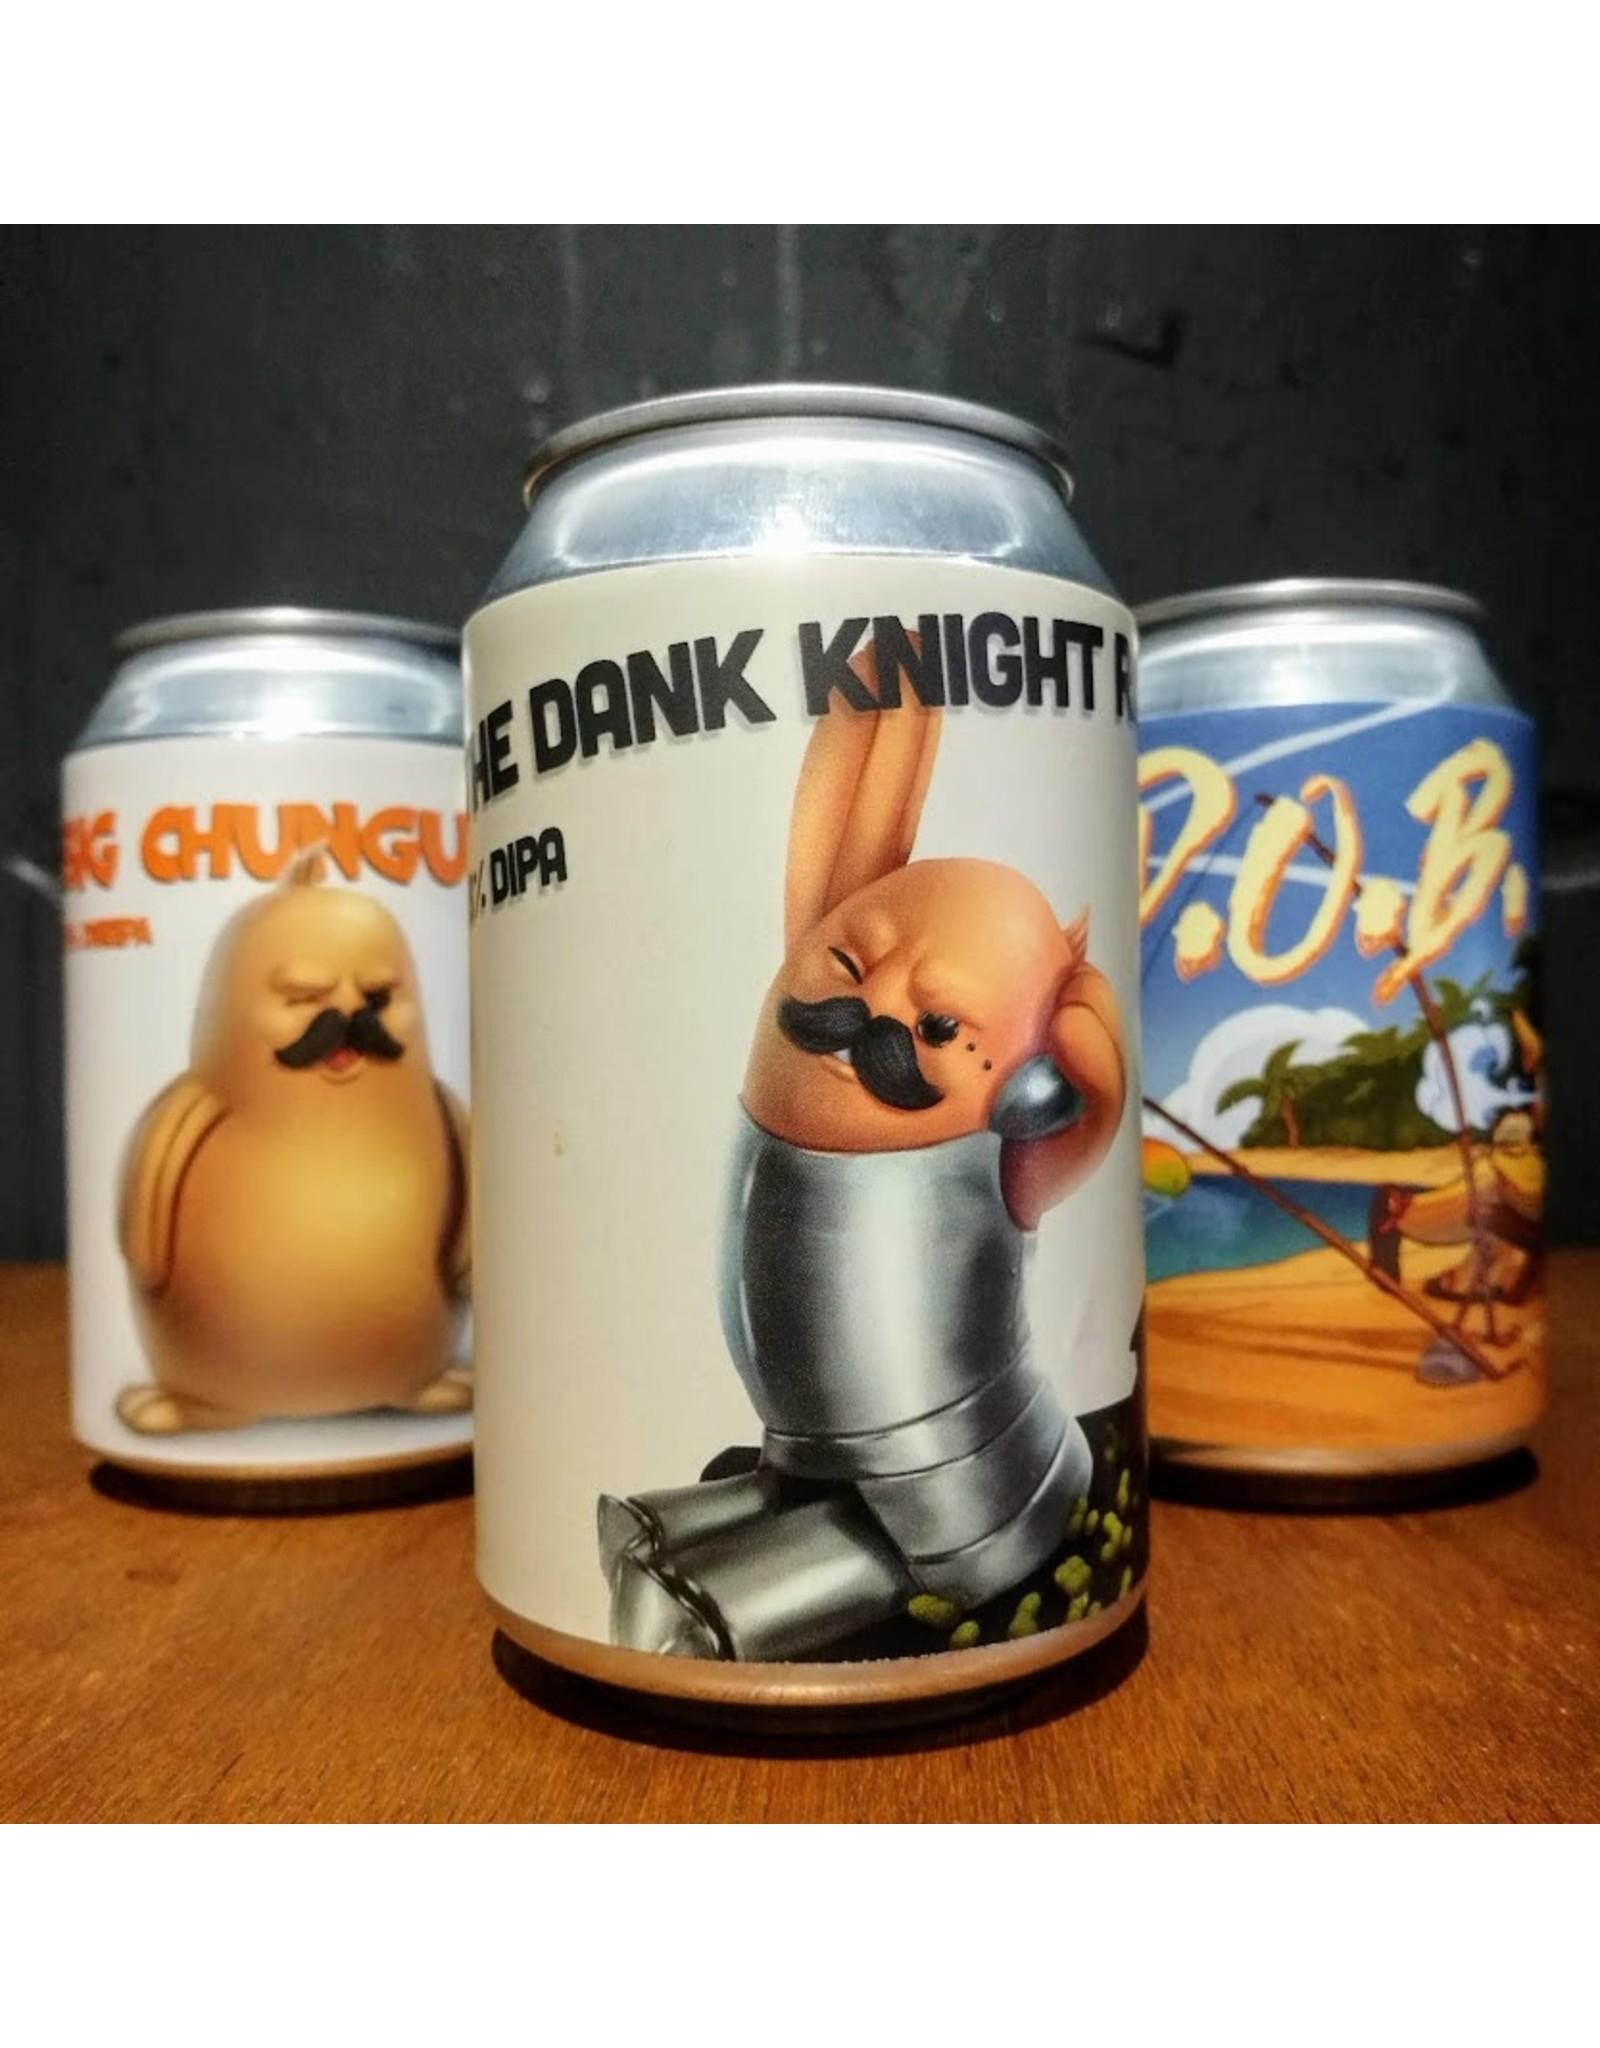 Lobik Lobik - The Dank Knight Rises